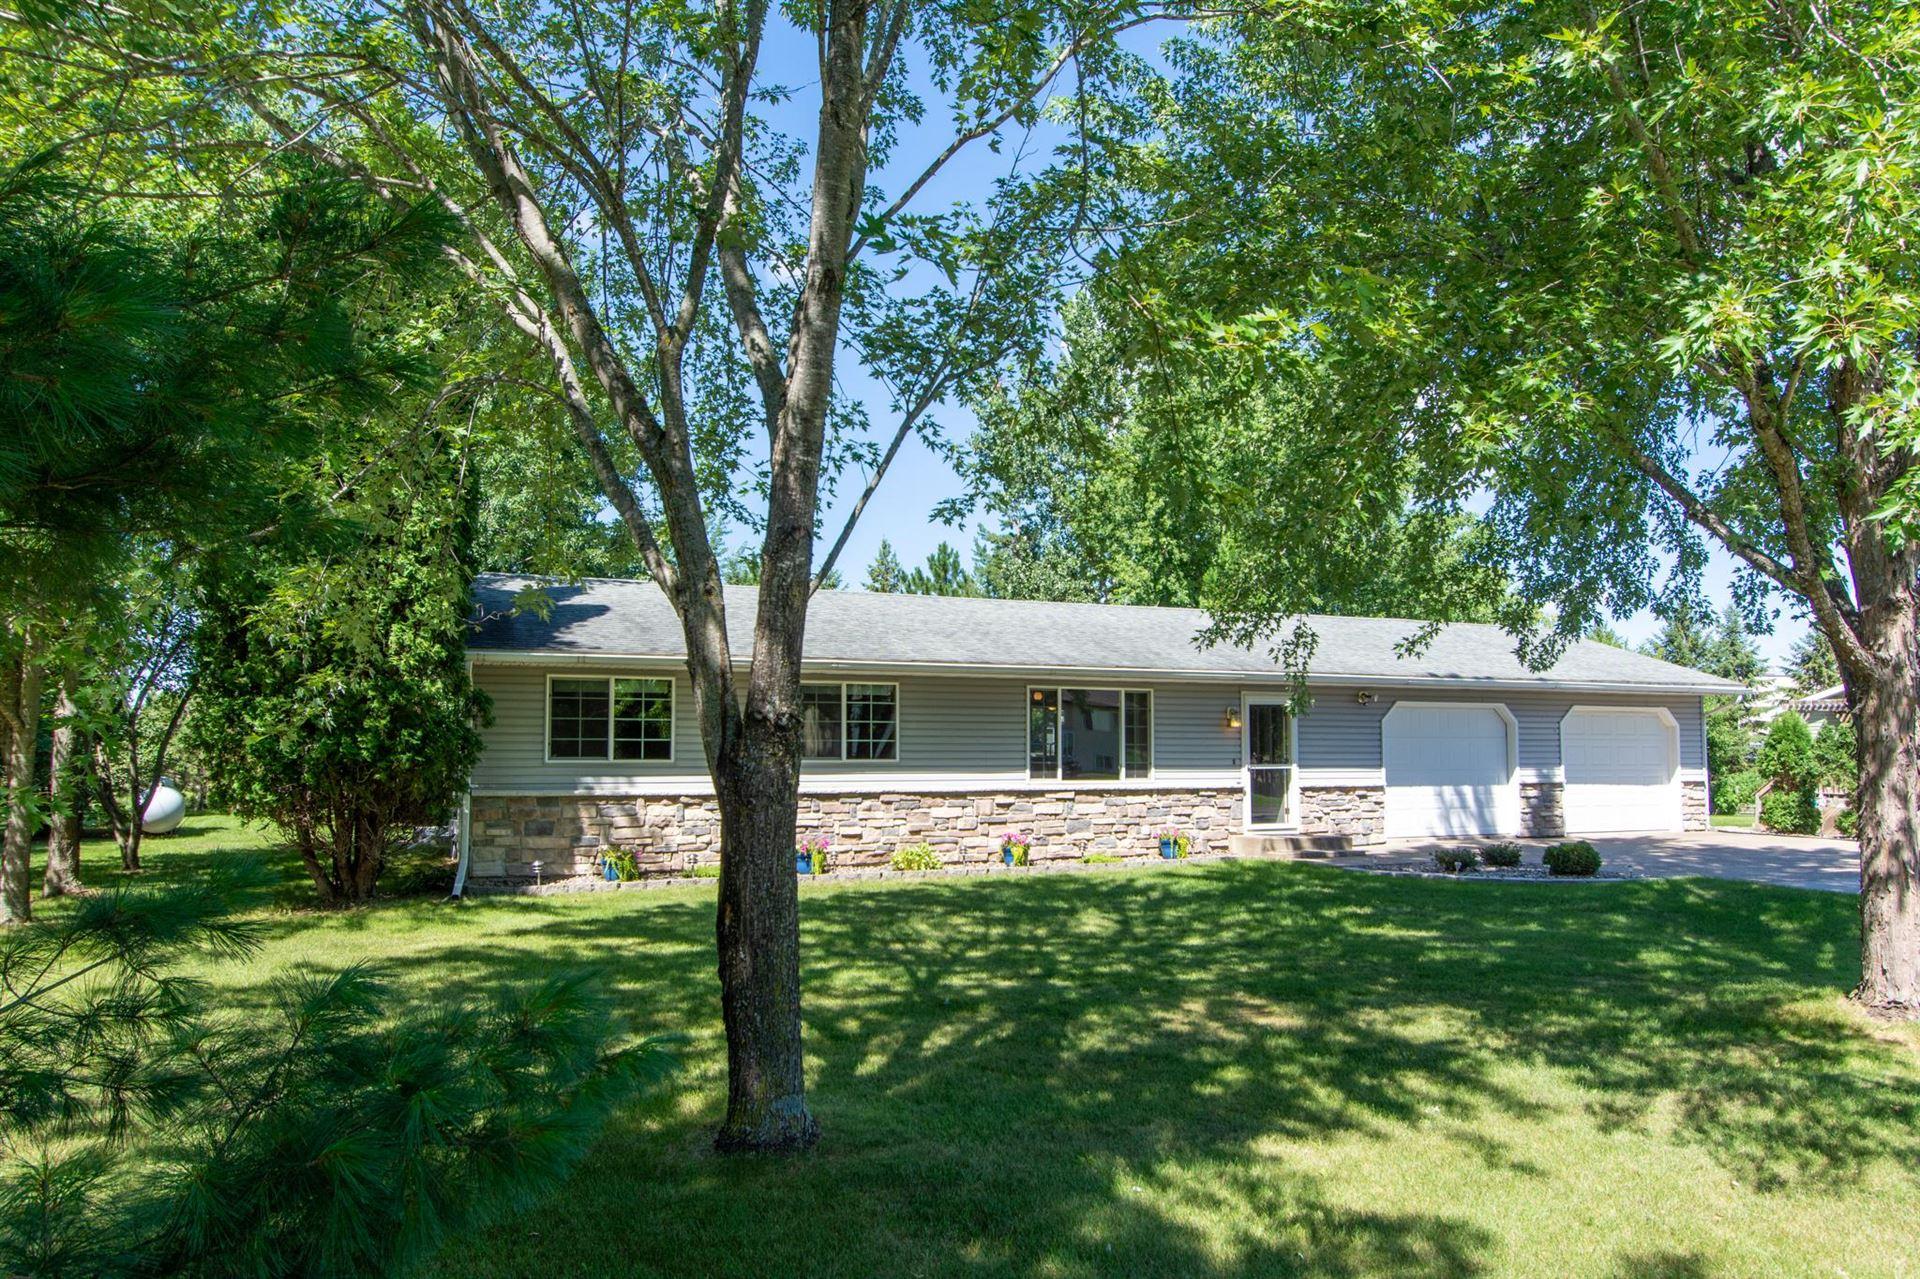 1707 Crestview Drive, Little Falls, MN 56345 - MLS#: 5630903